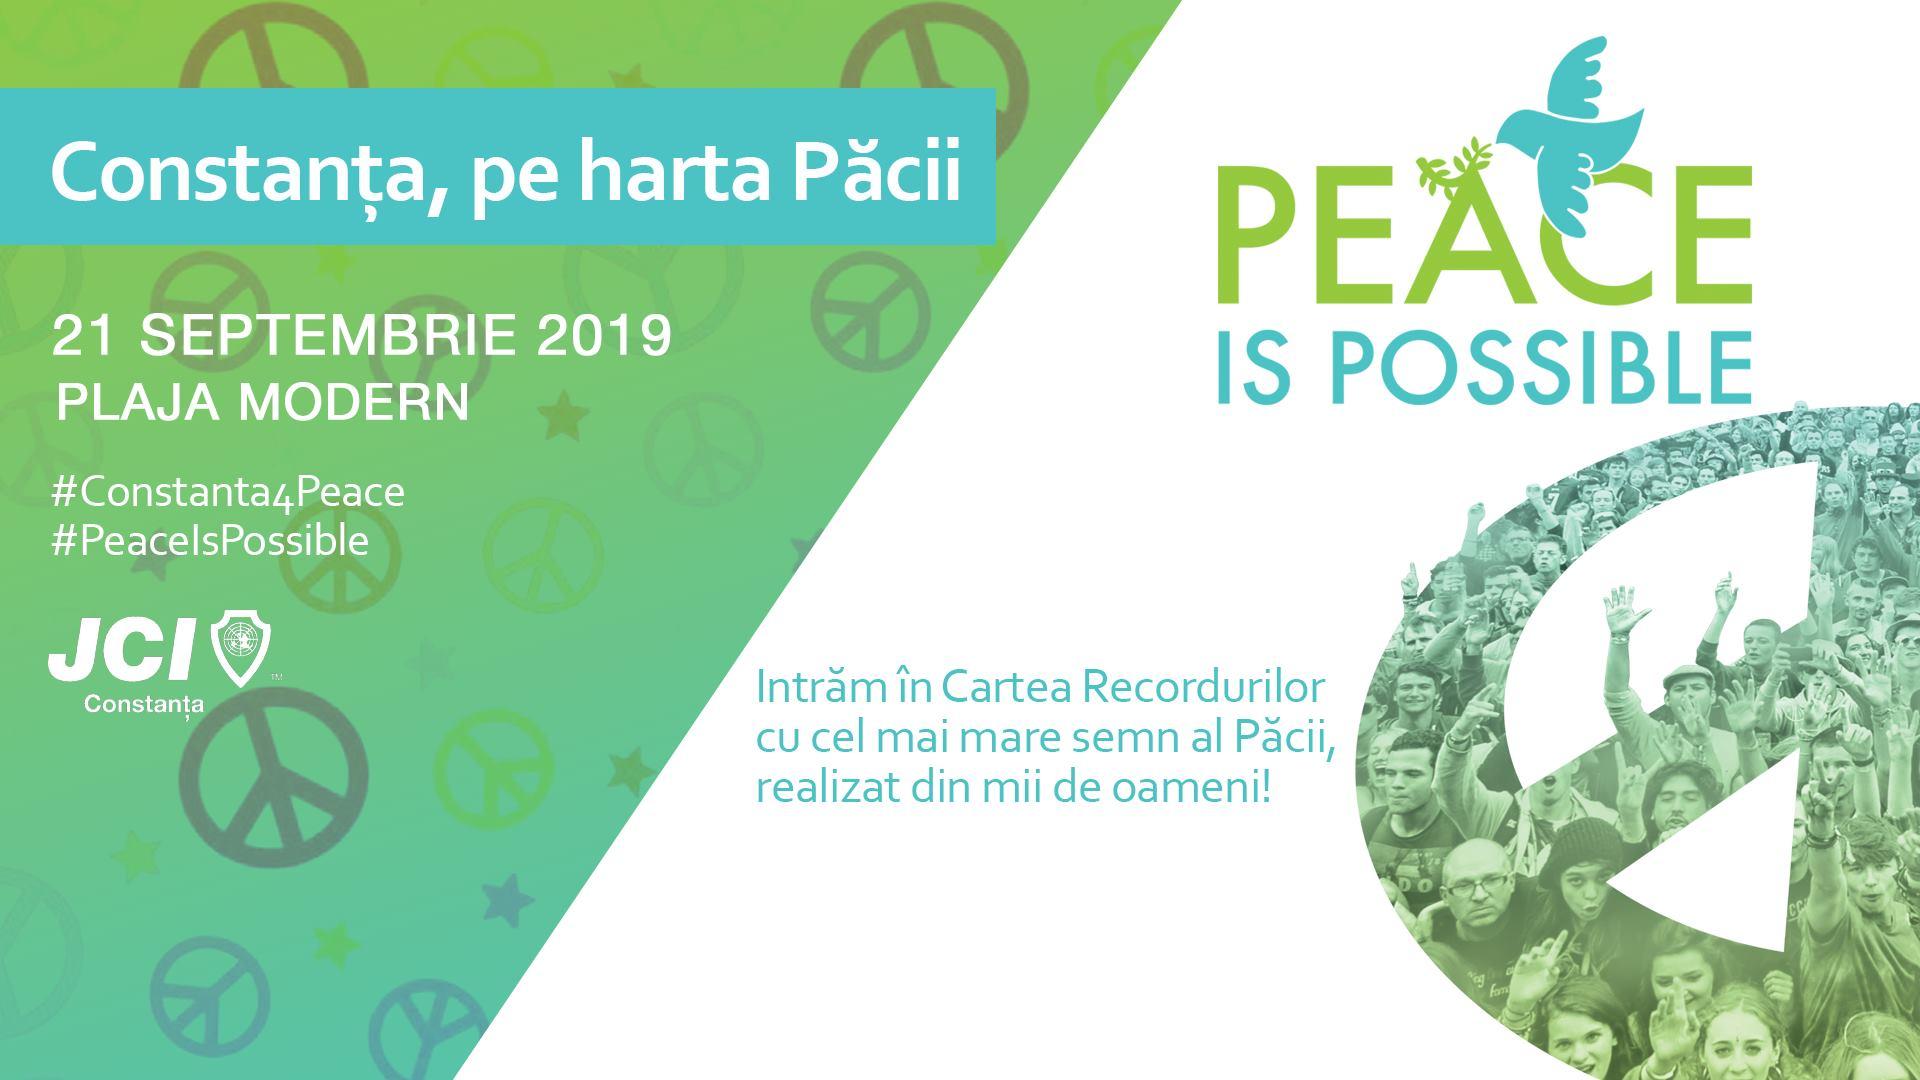 cel mai mare semn uman al păcii